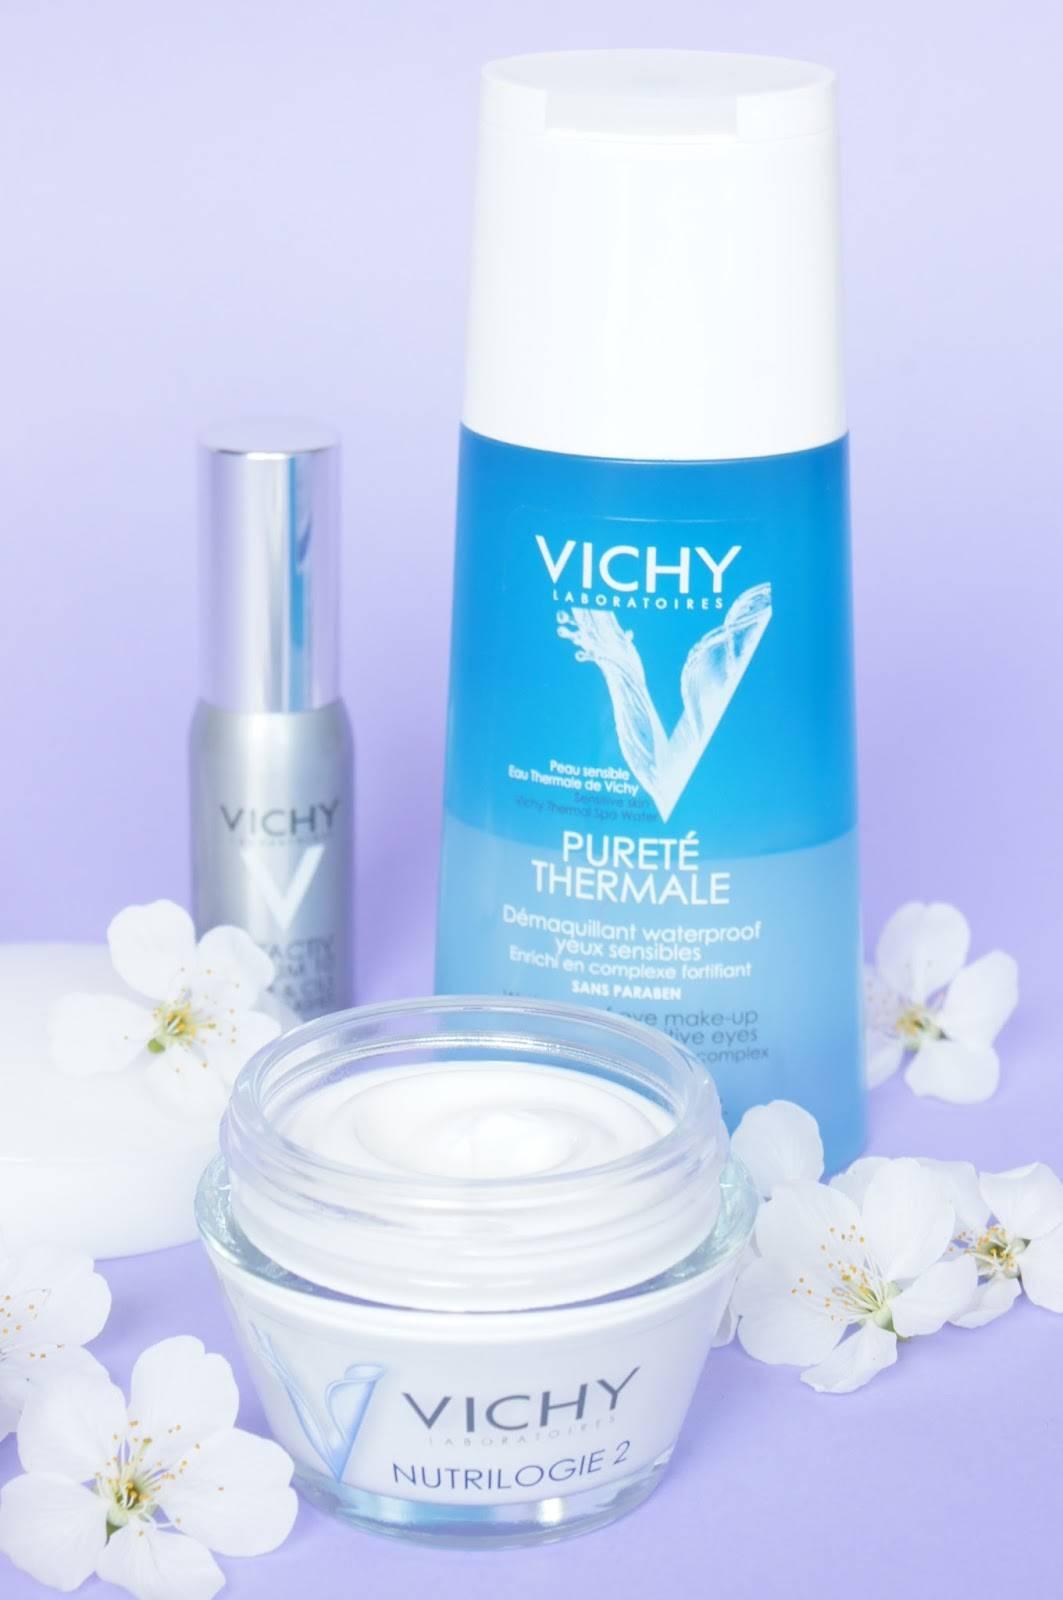 Vichy_test_100_žensk_100_dni_vichy_spletna_analiza_kože